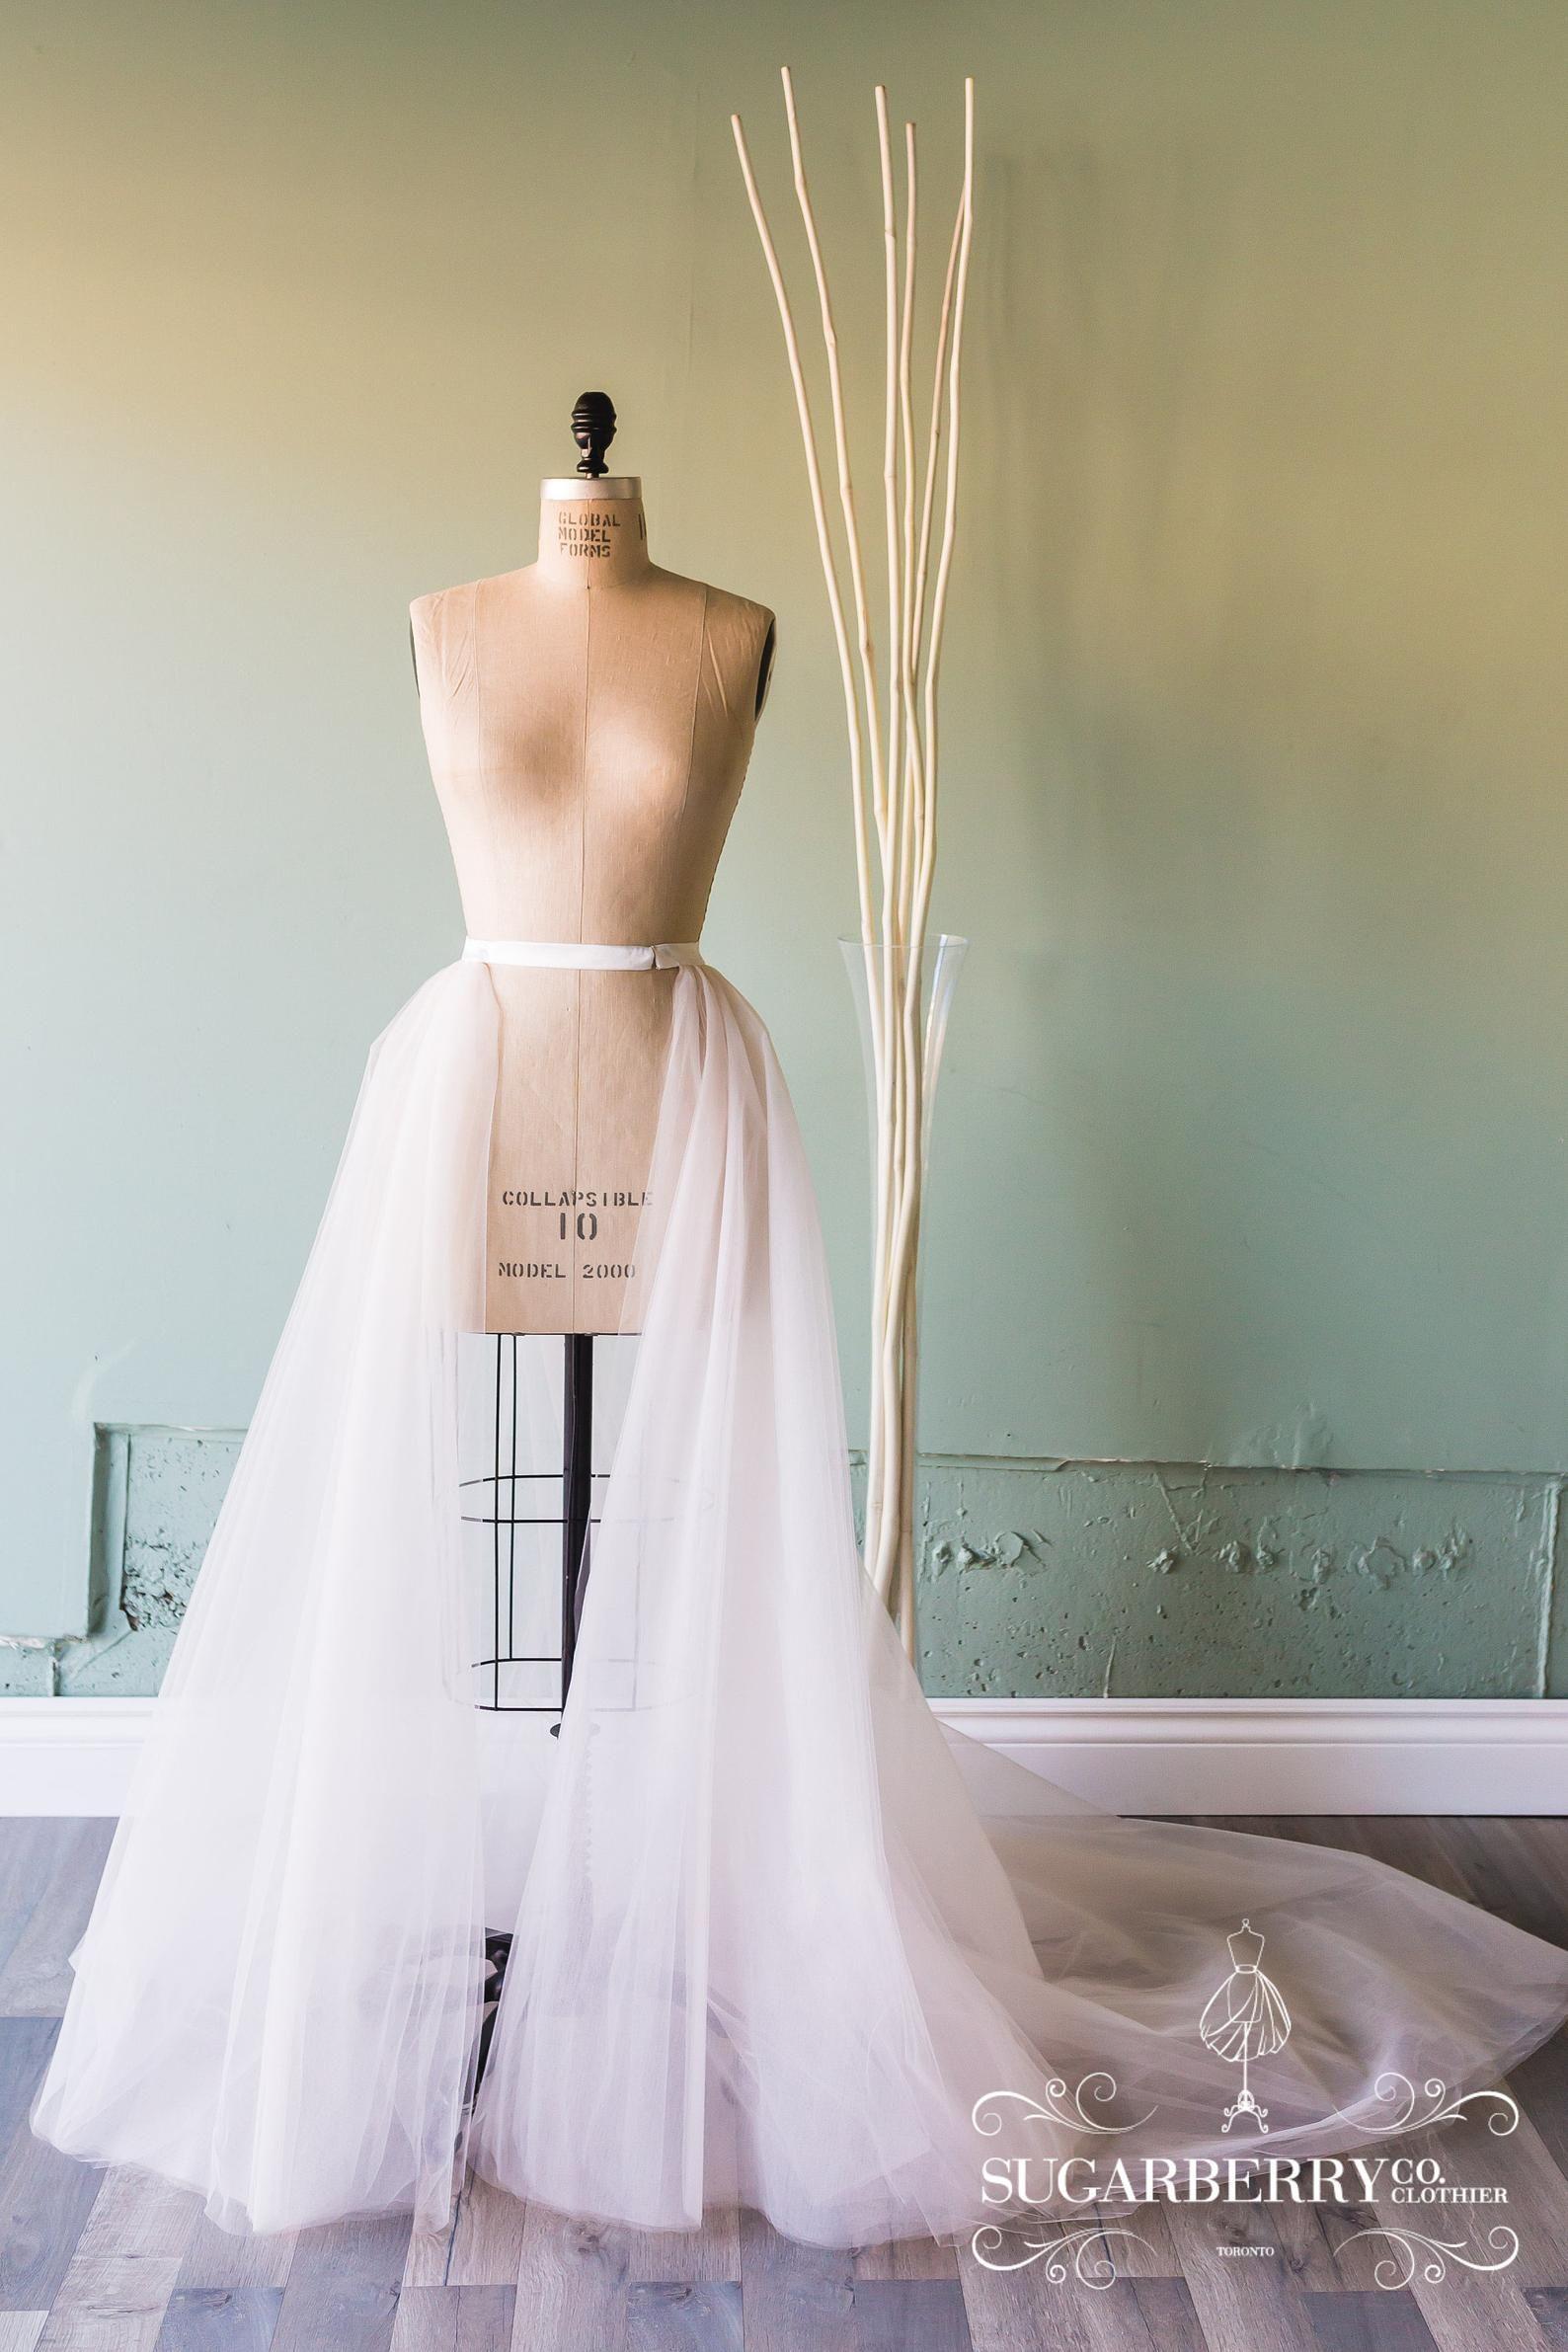 Tulle Overskirt Detachable Bridal Skirt Removable Bridal Etsy Bridal Skirts Wedding Dress Train Detachable Train Wedding Dress [ 2382 x 1588 Pixel ]